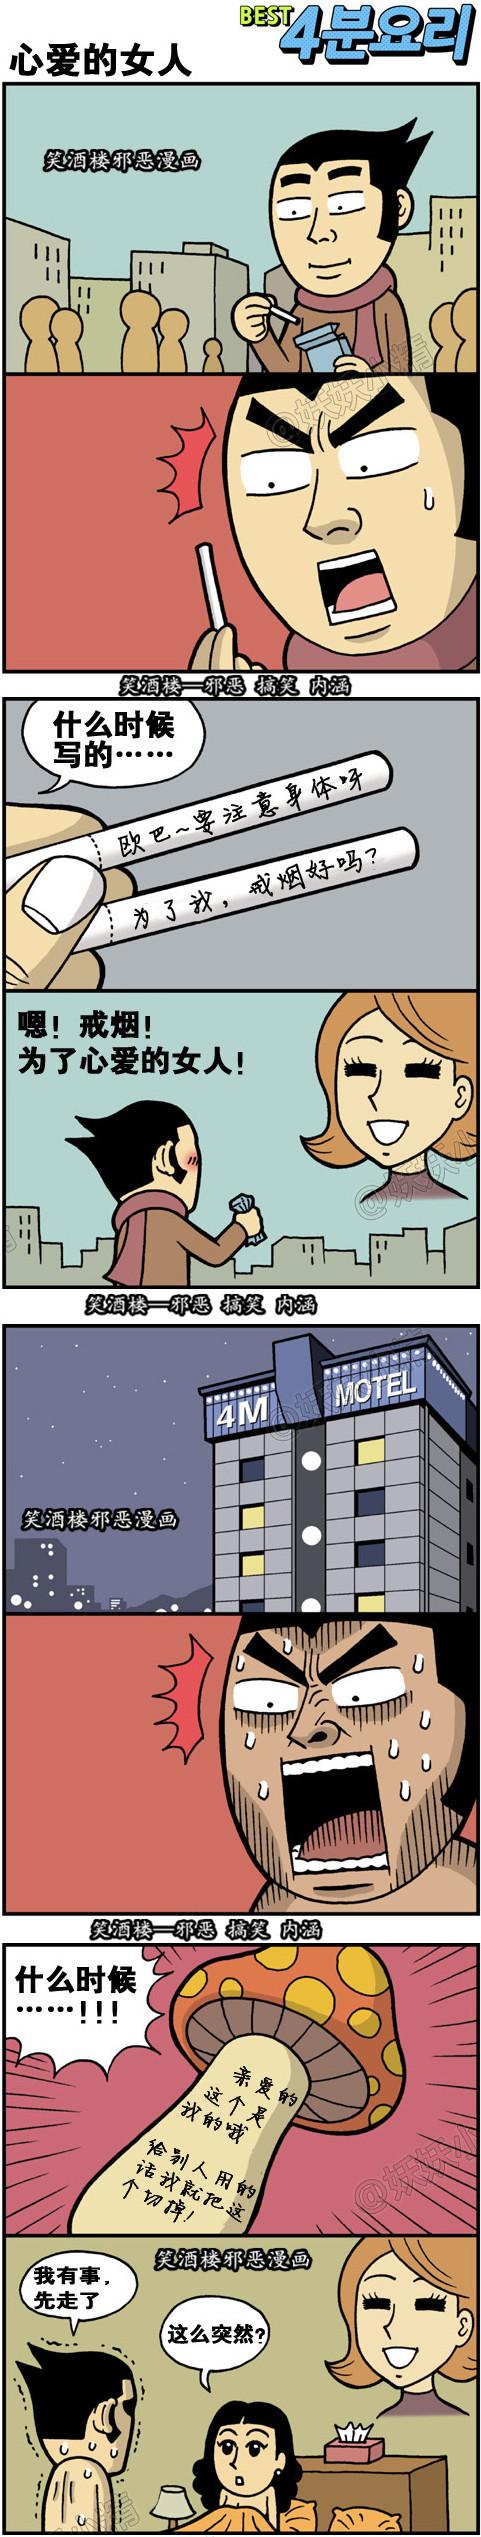 邪恶漫画:能到里面看一下嘛 深夜 h漫画 图2